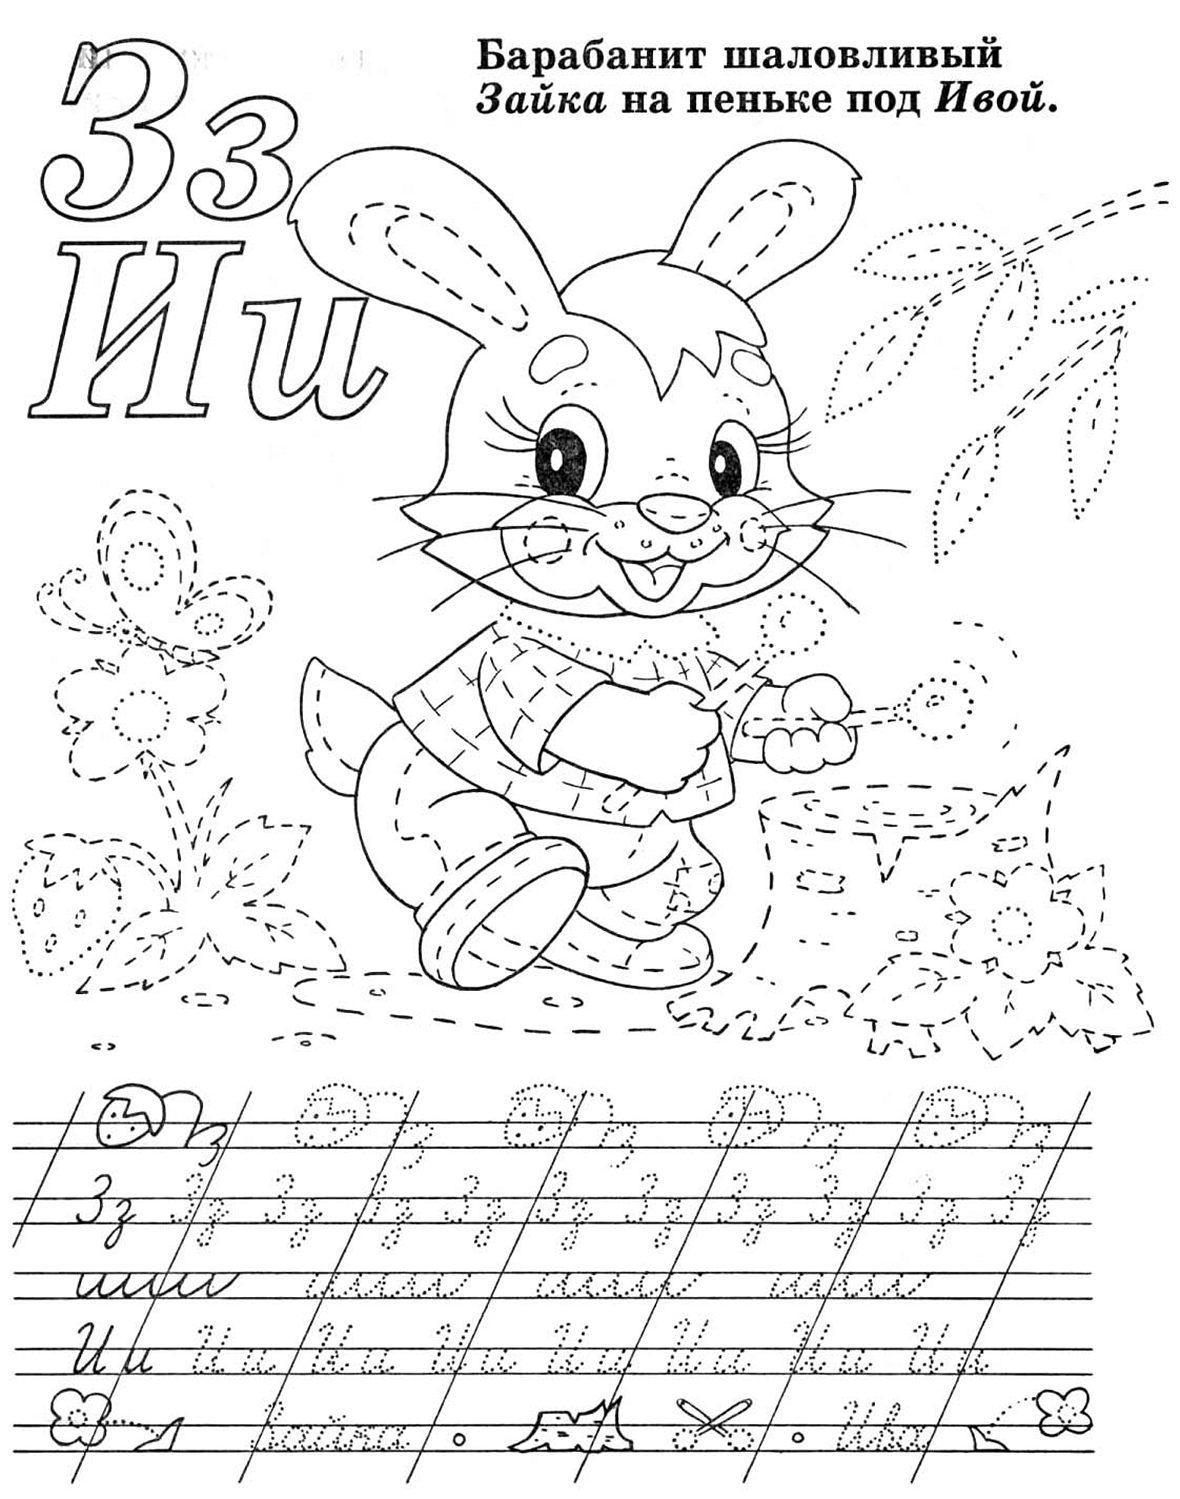 Прописи буквы з, и по точкам, раскраска зайка на пеньке под ивой